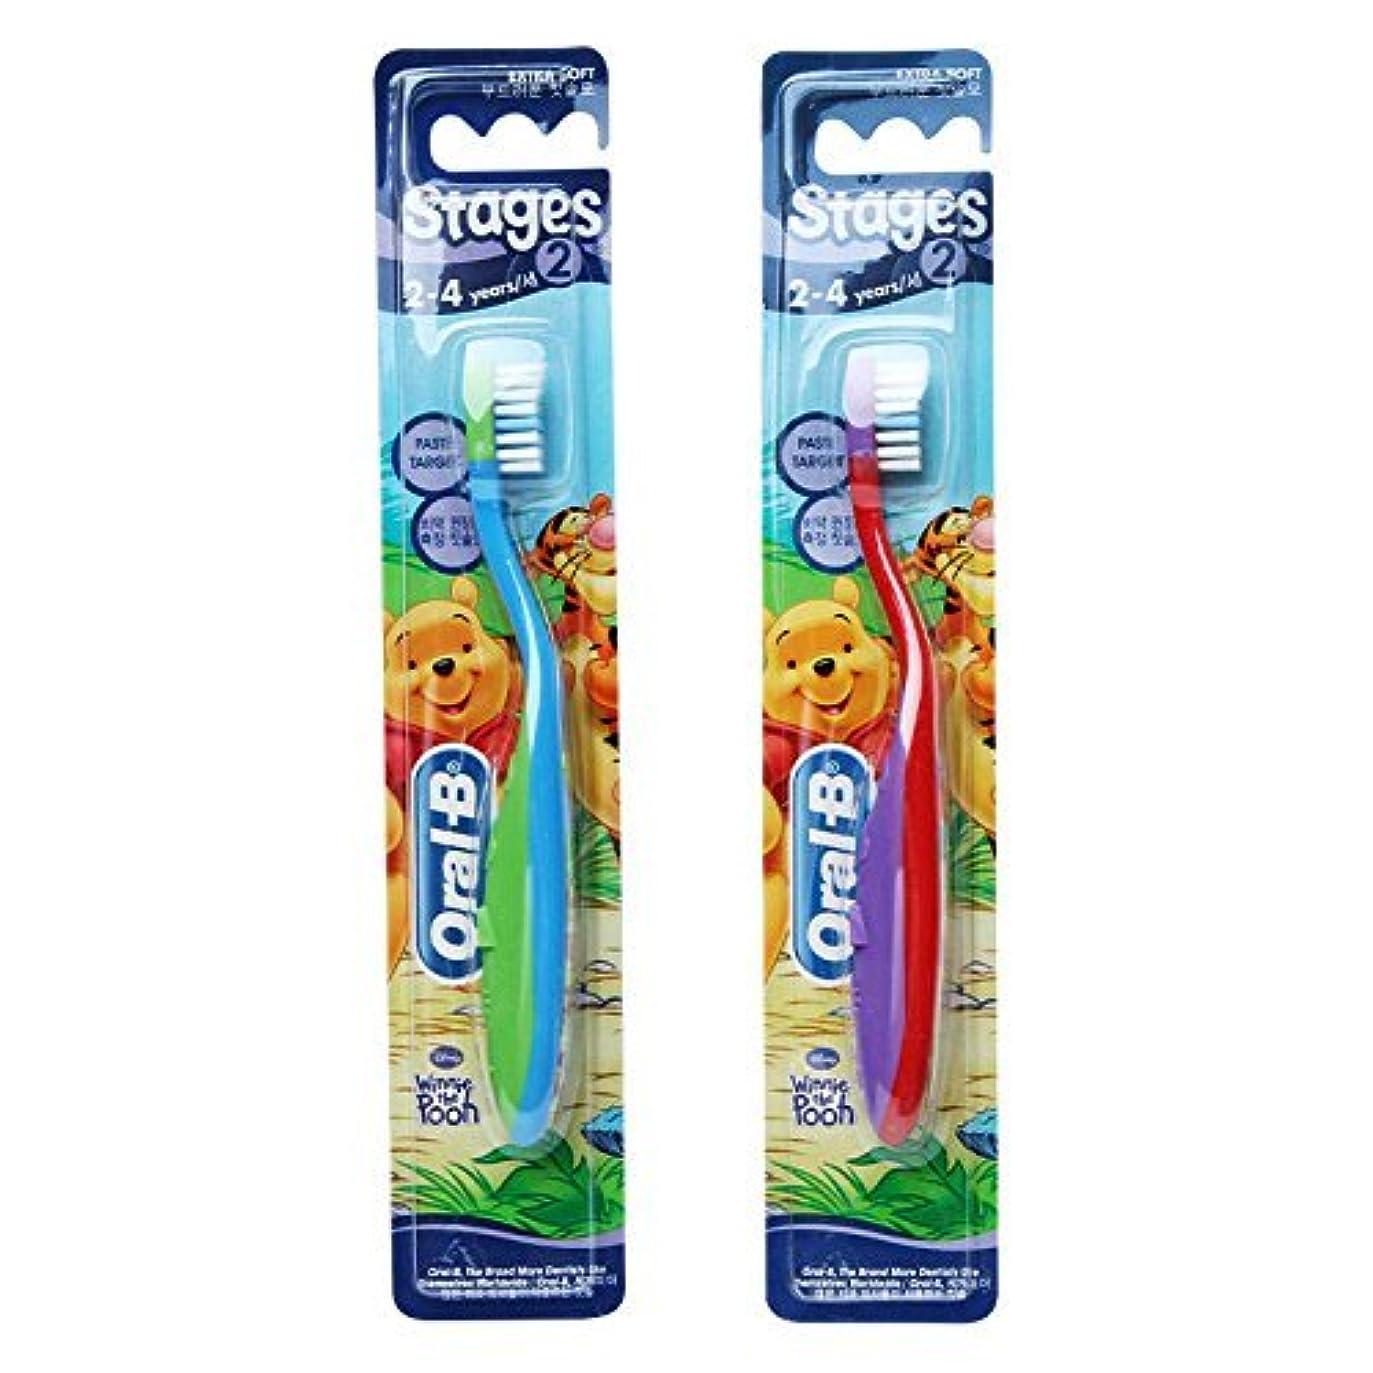 ビジタークリエイティブ謙虚Oral-B Stages 2 Toothbrush 2 - 4 years 2 Pack /GENUINEと元の梱包 [並行輸入品]